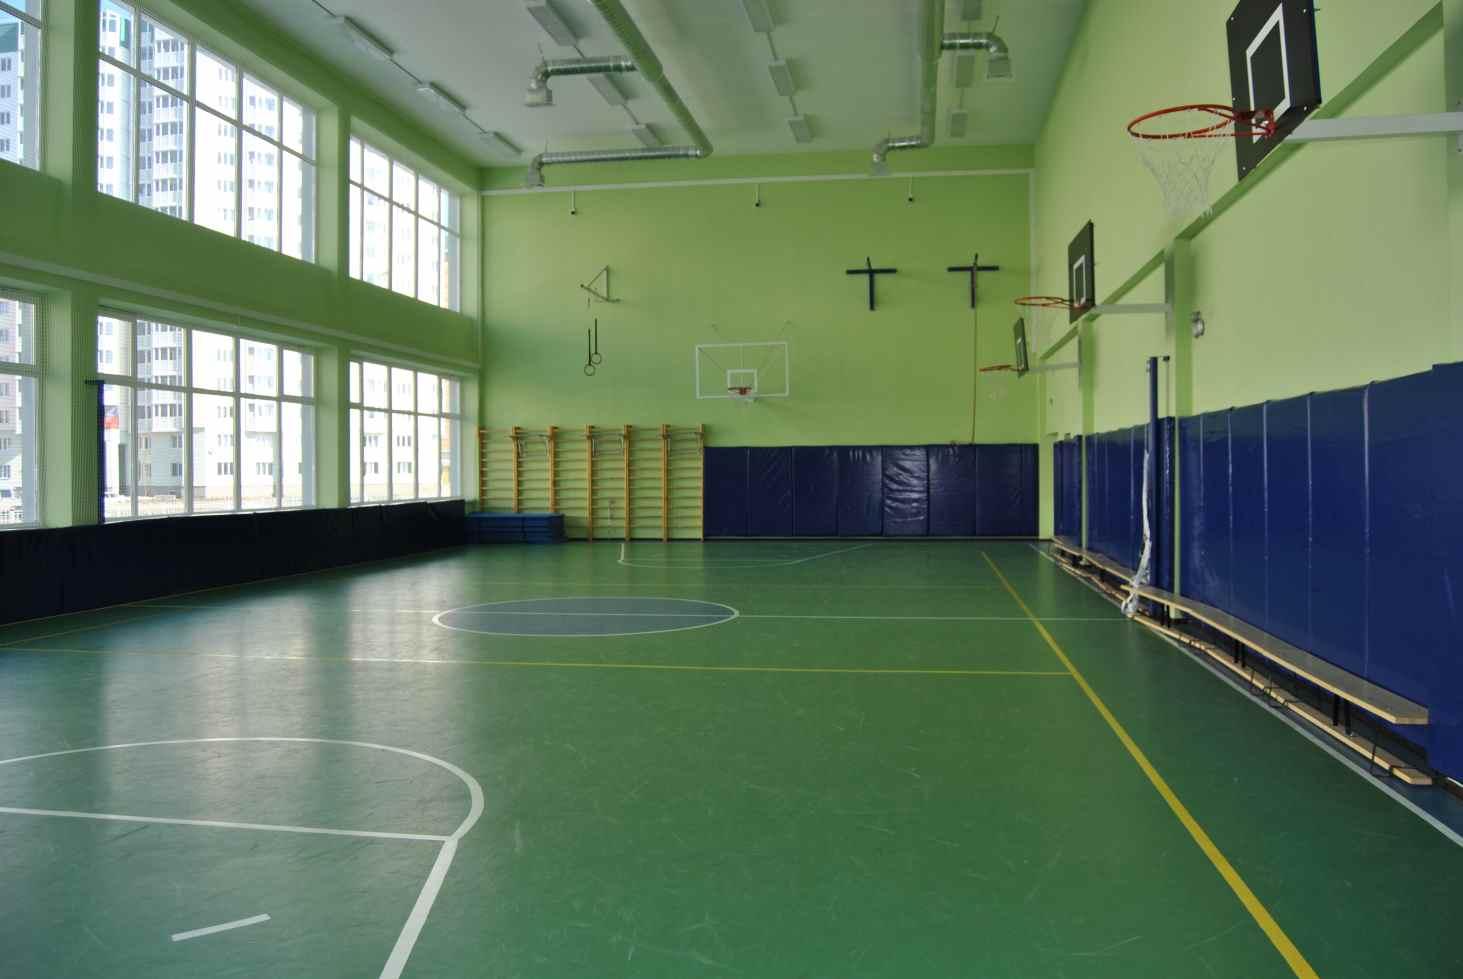 minprosveshheniya-vydelilo-1-5-milliarda-rublej-na-remont-sportzalov-v-shkolah